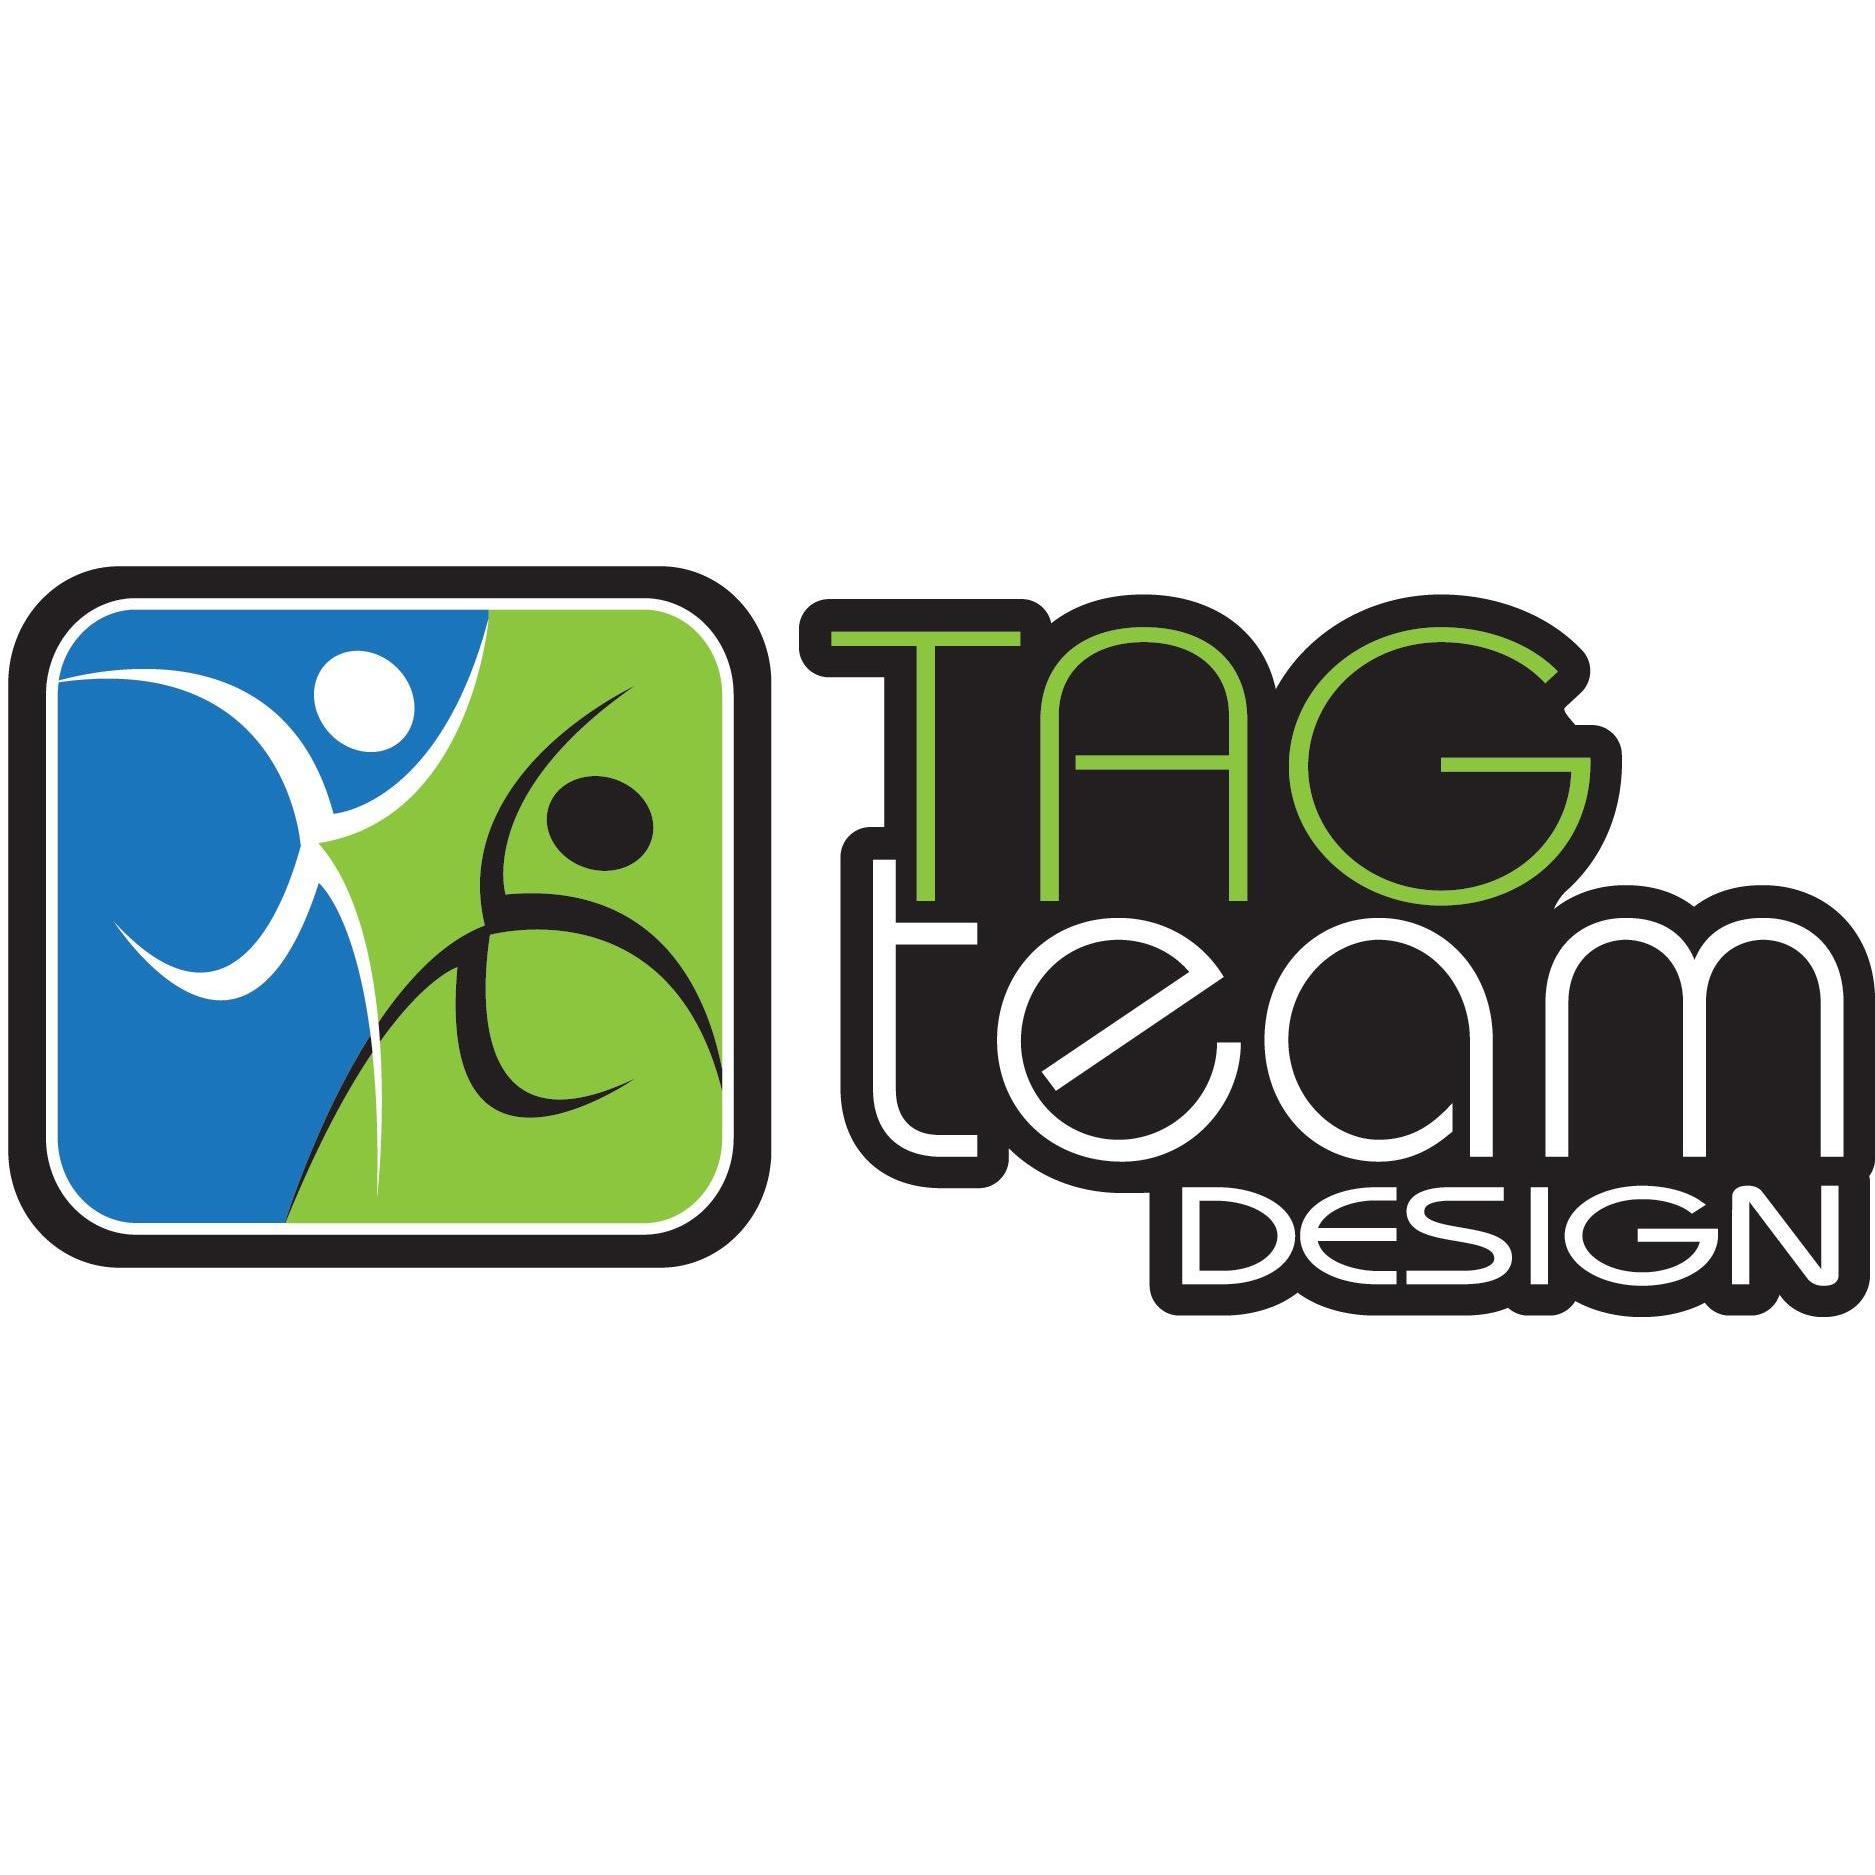 Tag Team Design